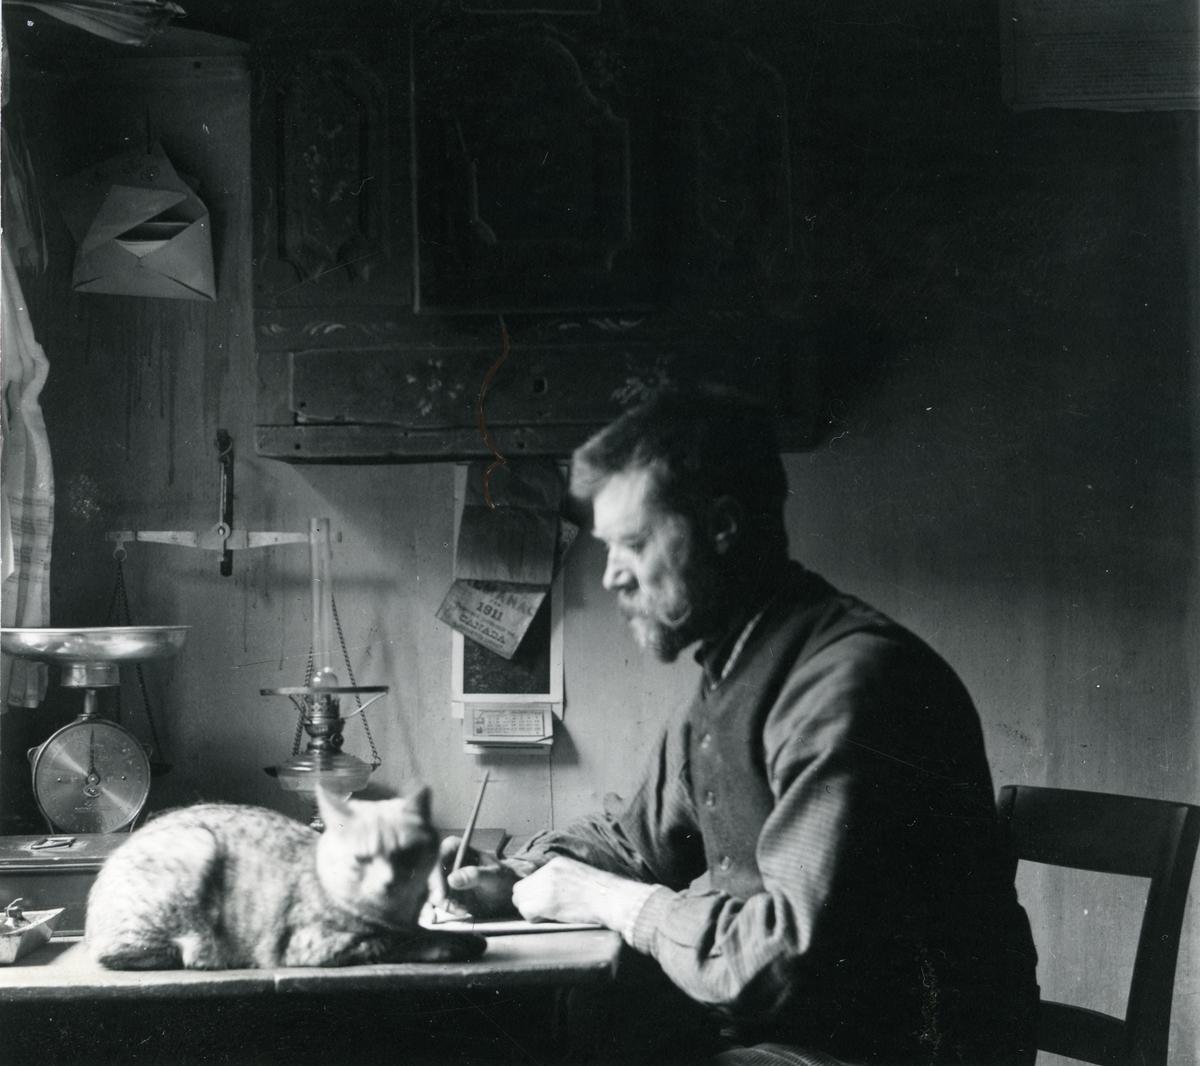 Mann sittende ved et skrivebord. En katt ligger ved hans side.